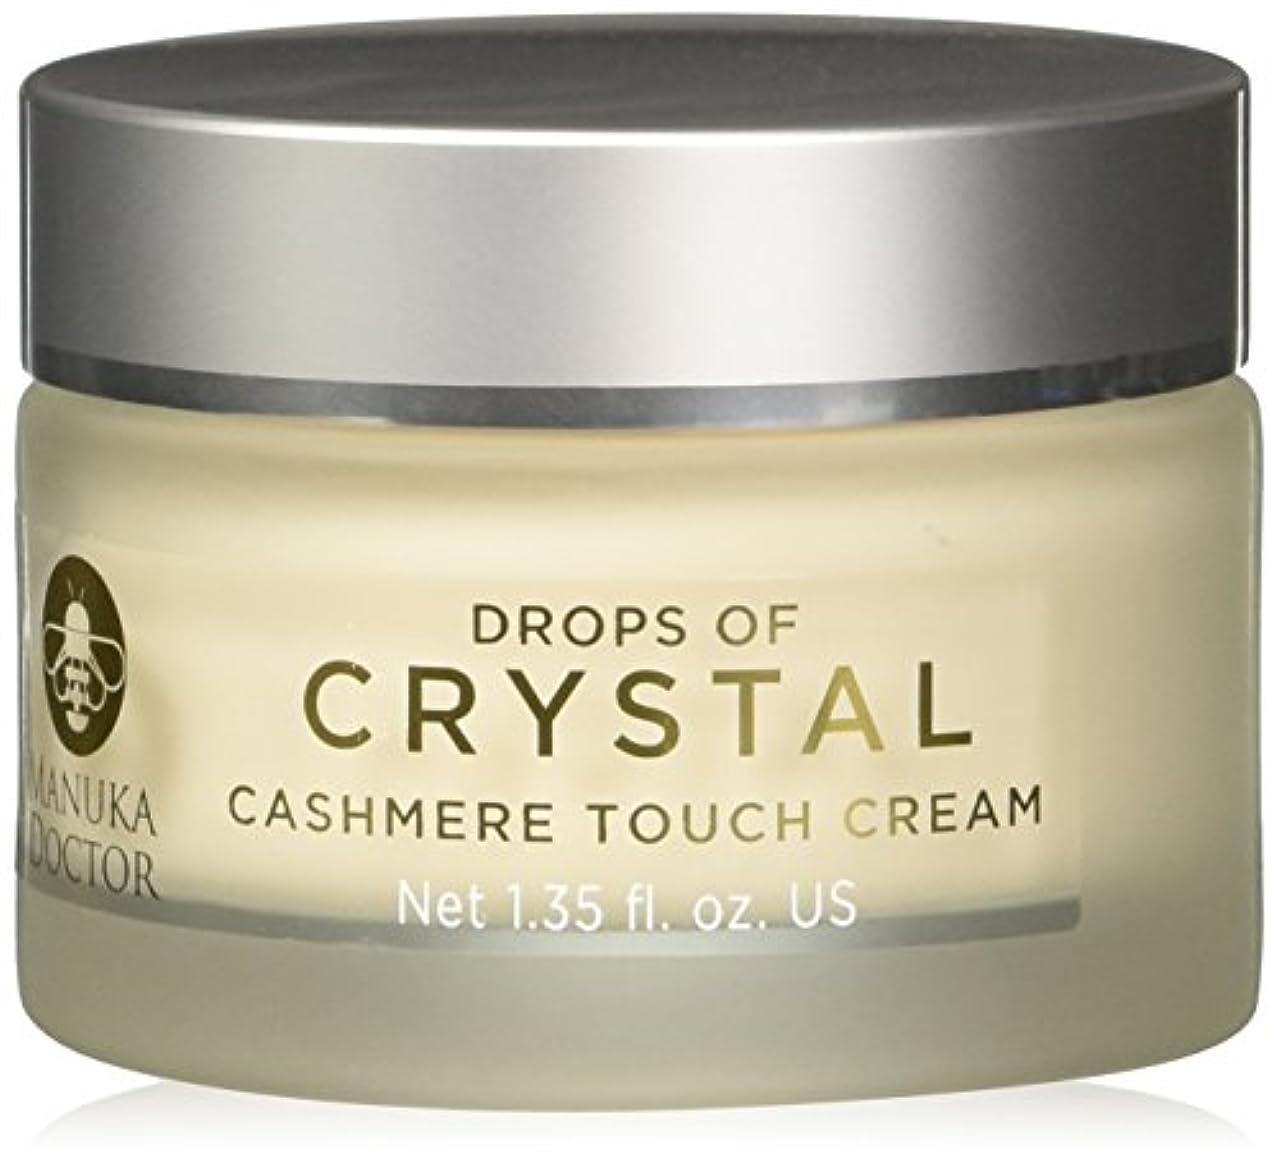 ペルメルバタフライ夫婦((マヌカドクター)ドロップスオブクリスタル?カシミアタッチクリーム40ml)(DropsOfCrystal)Cashmere Touch Cream 40ml